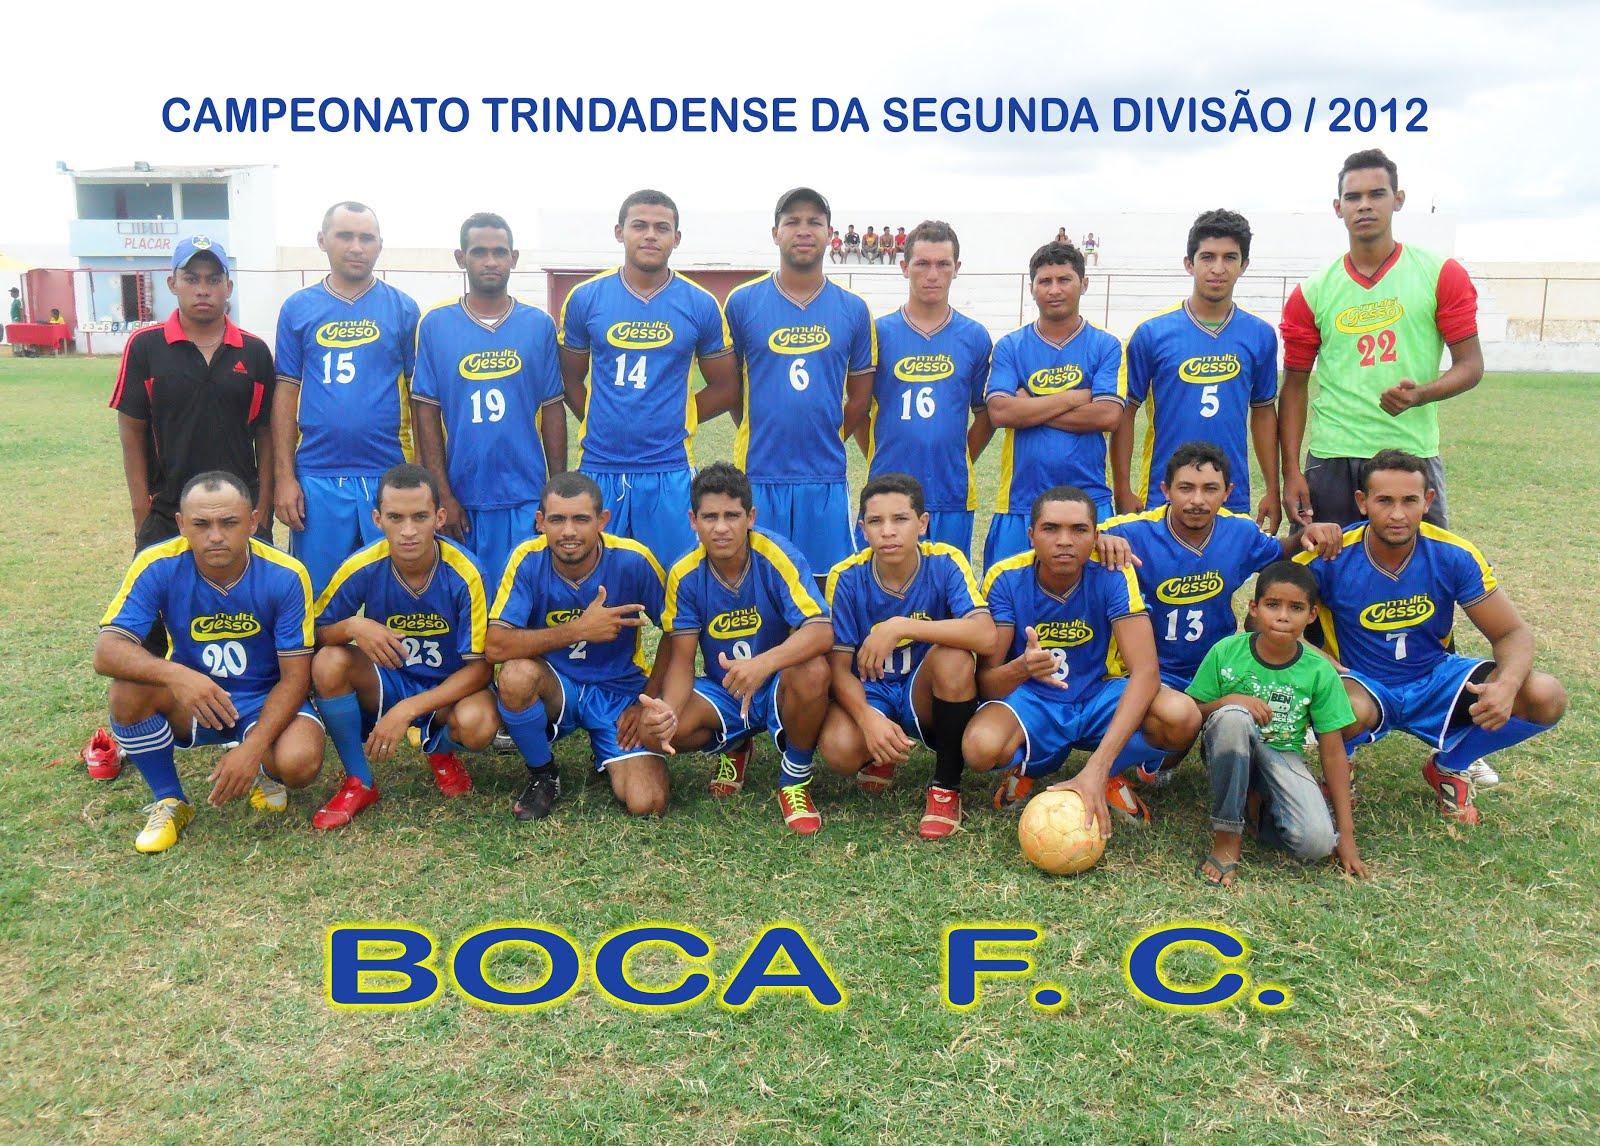 BOCA F. C.